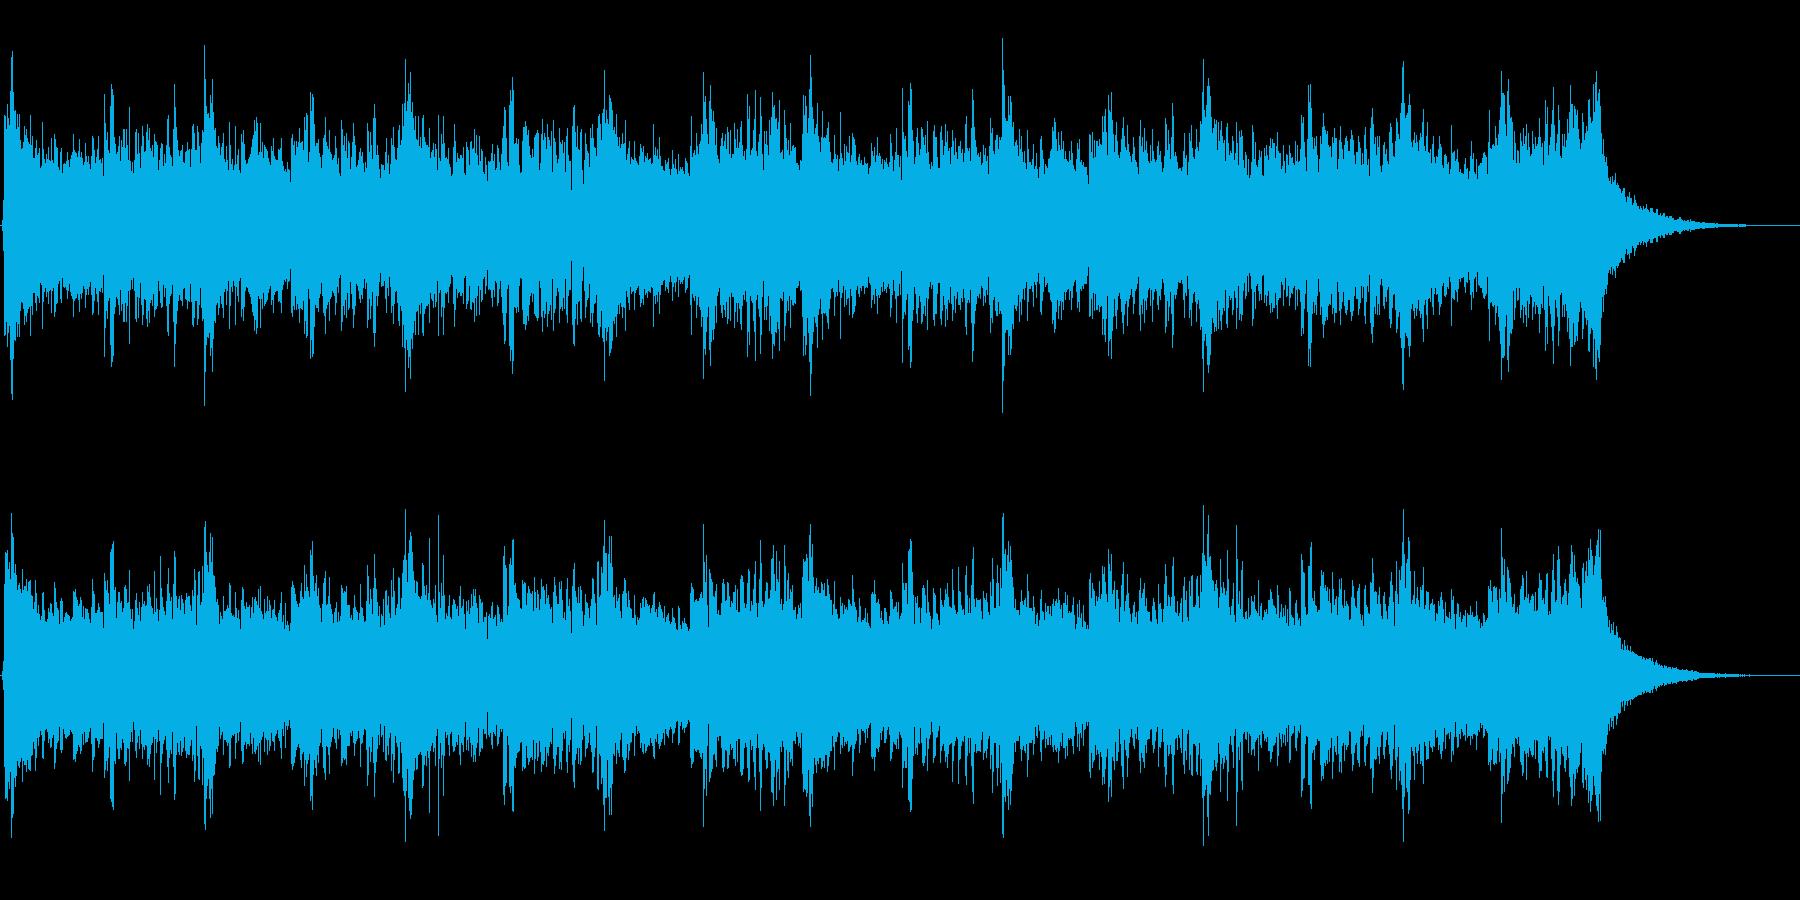 切なく美しい内生的音楽の再生済みの波形